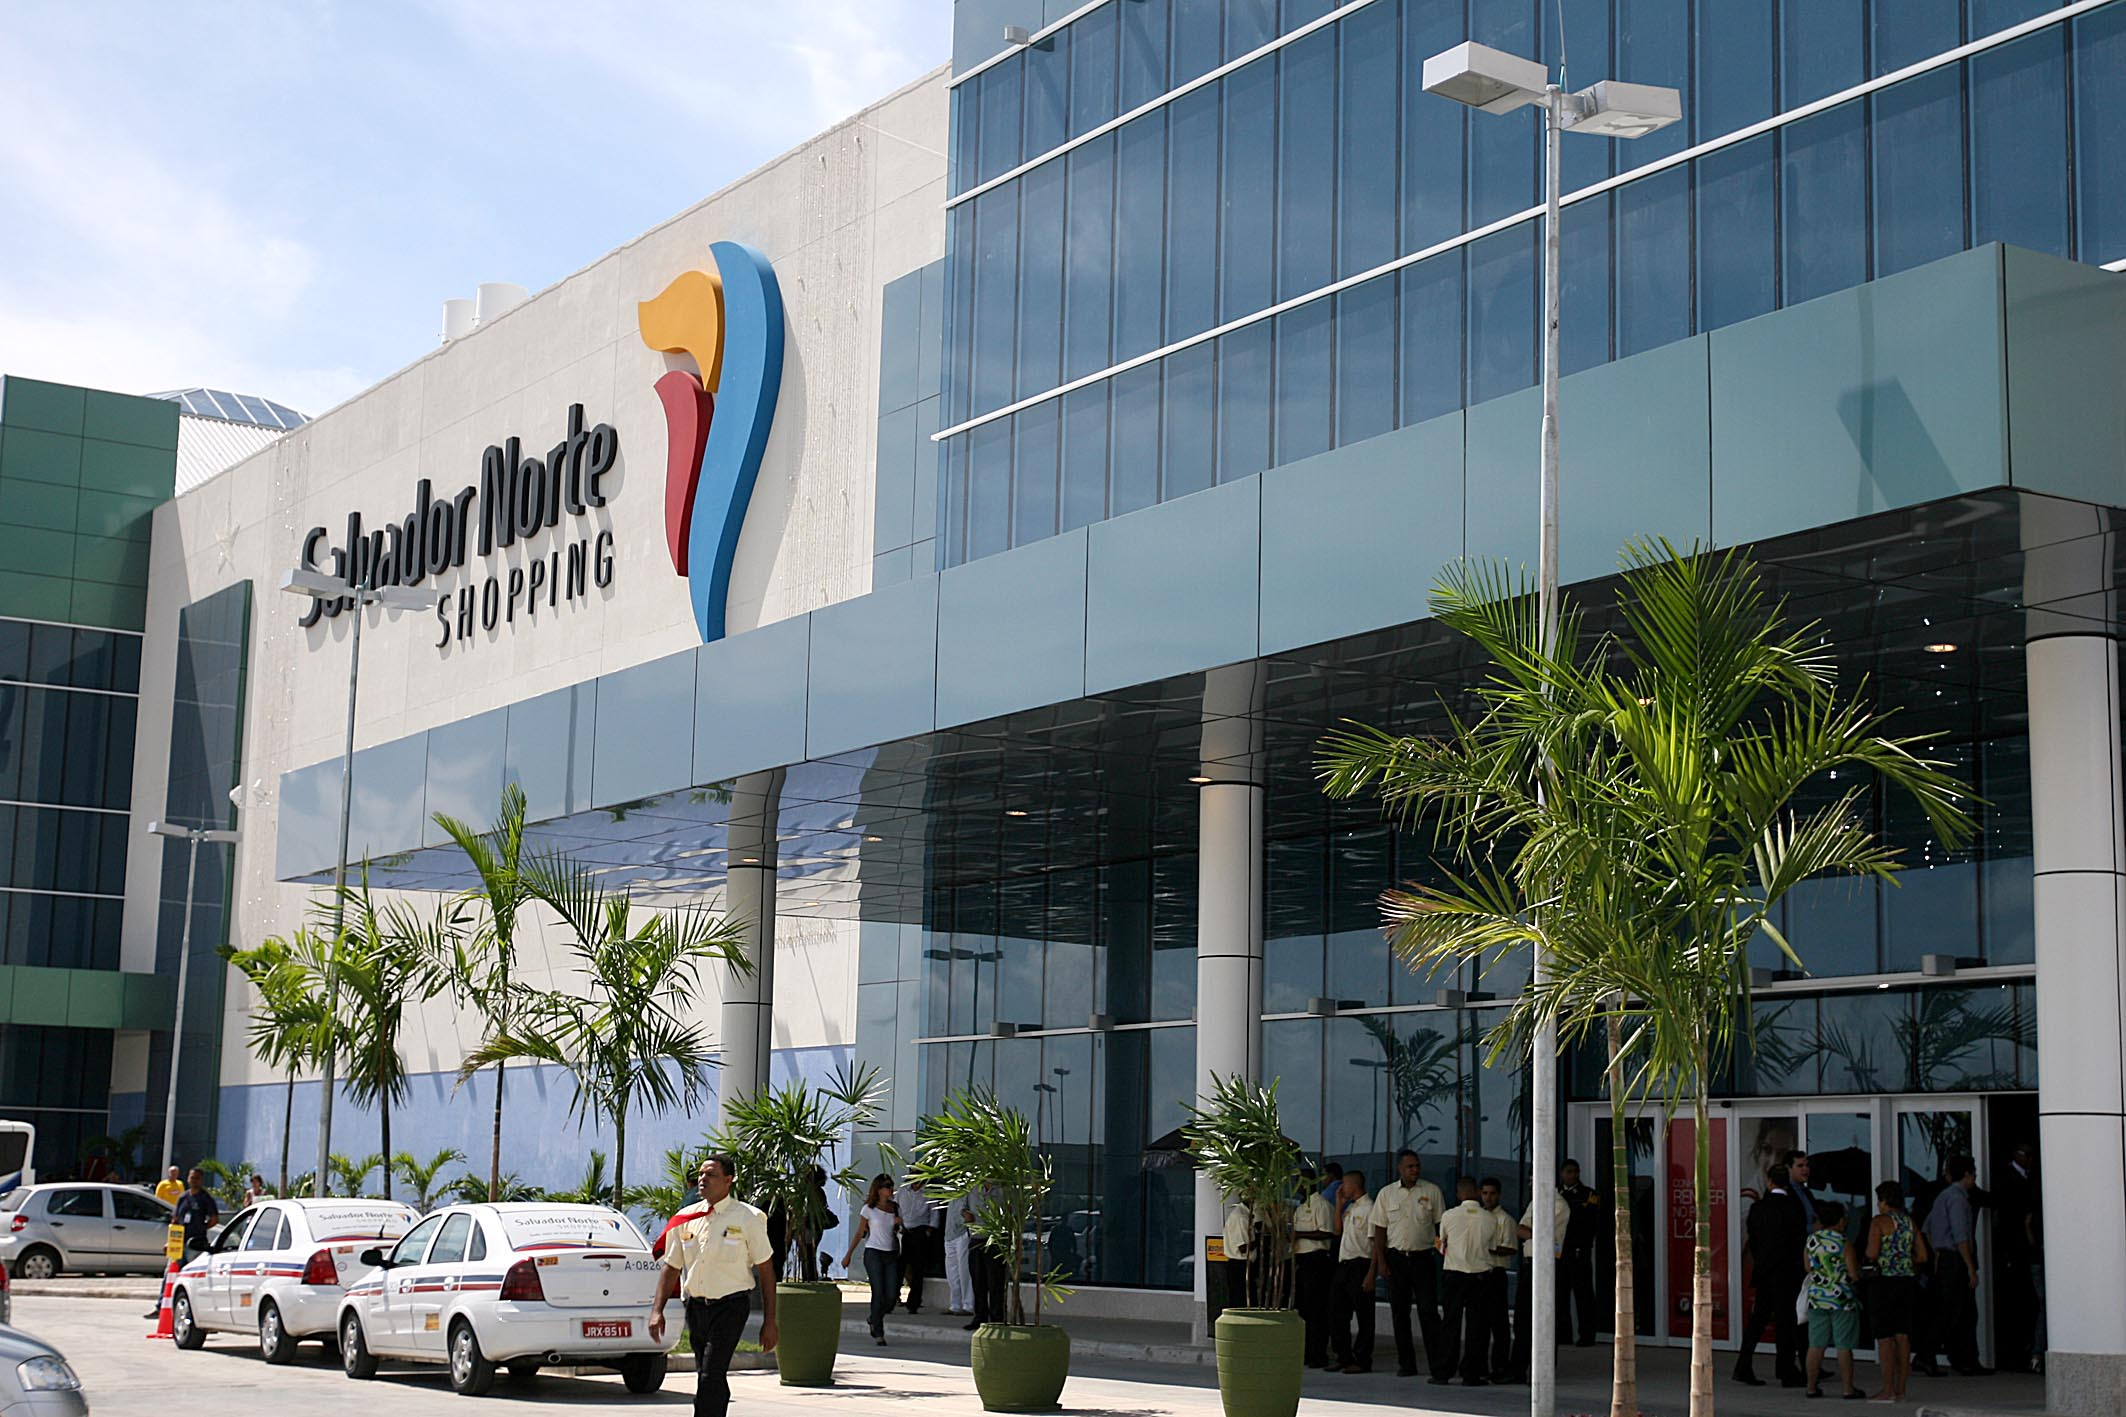 Salvador Norte Shopping – Wikipédia, a enciclopédia livre